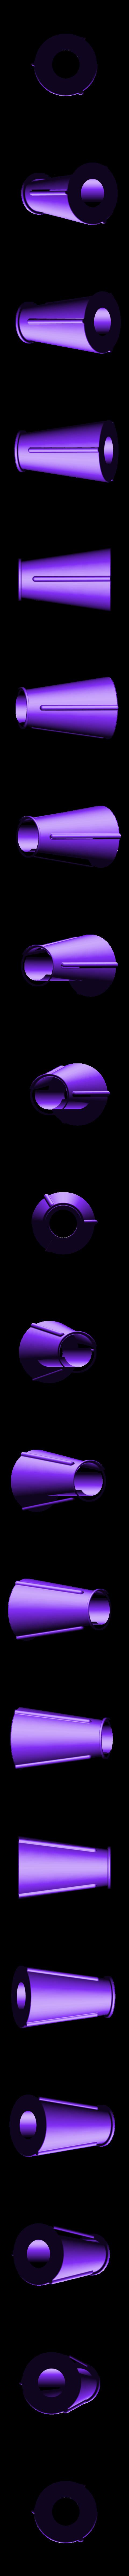 boba_fett_rocket_part_E.stl Download free STL file Boba Fett Rocket Jet Pack • 3D printable template, bromego